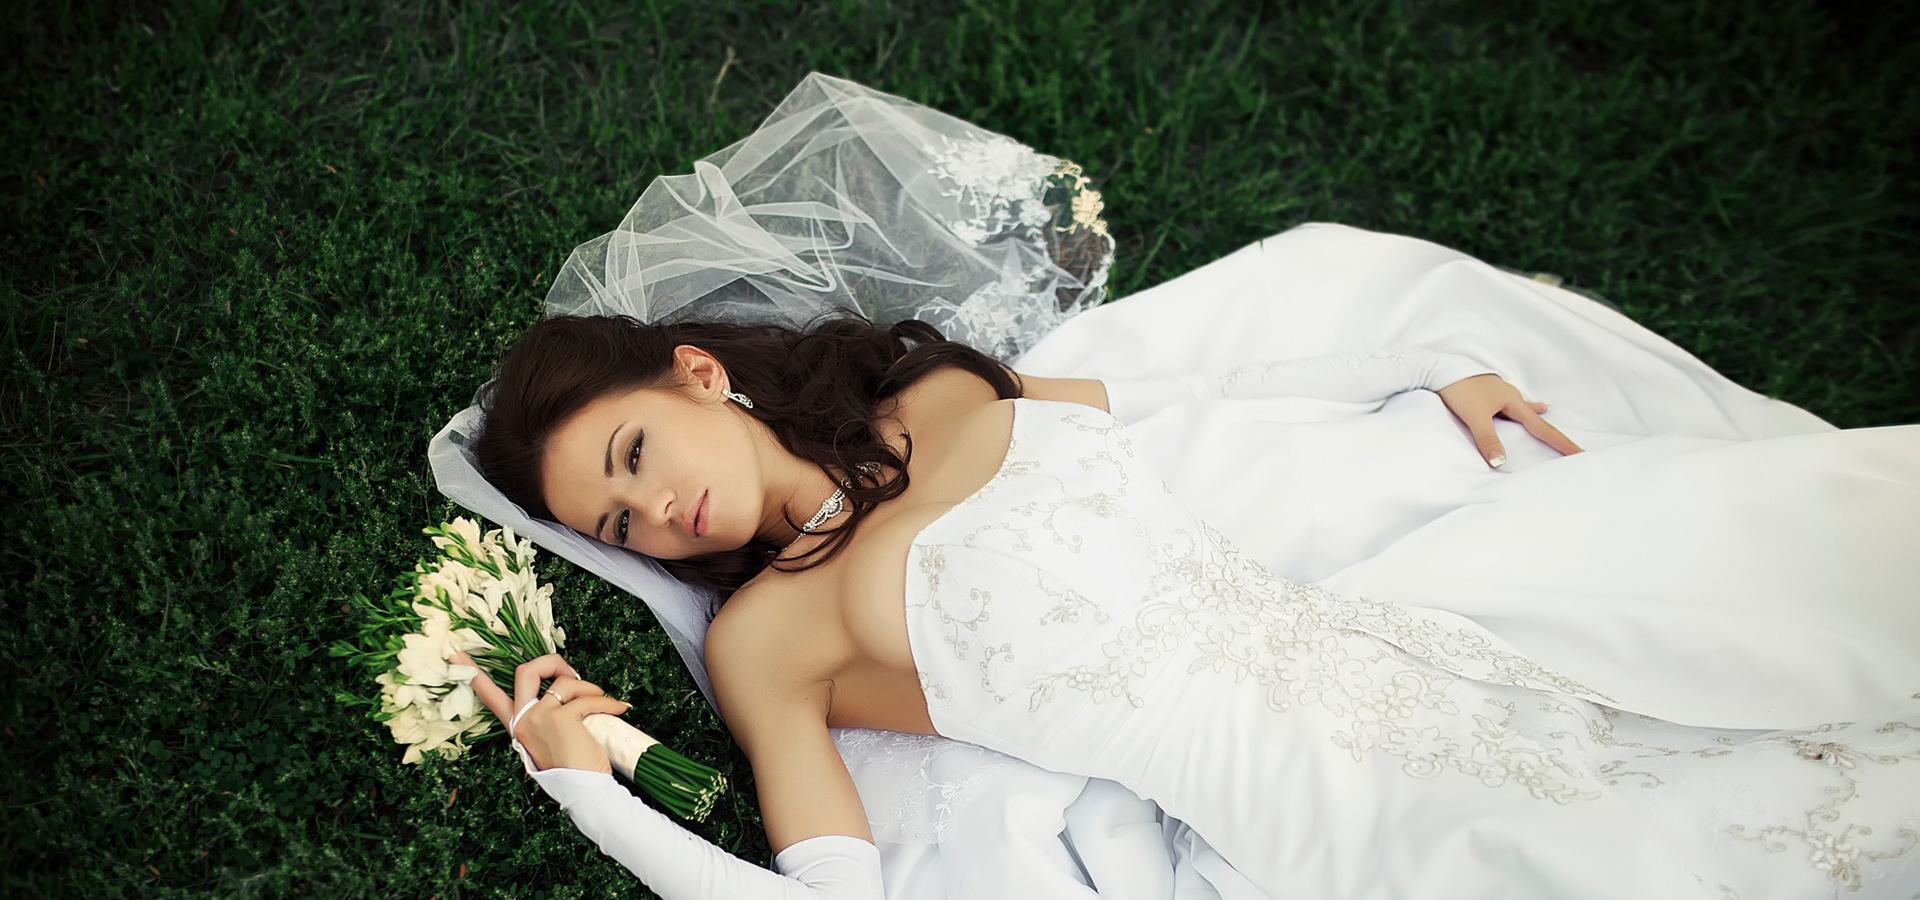 Какие ошибки может допустить невеста?